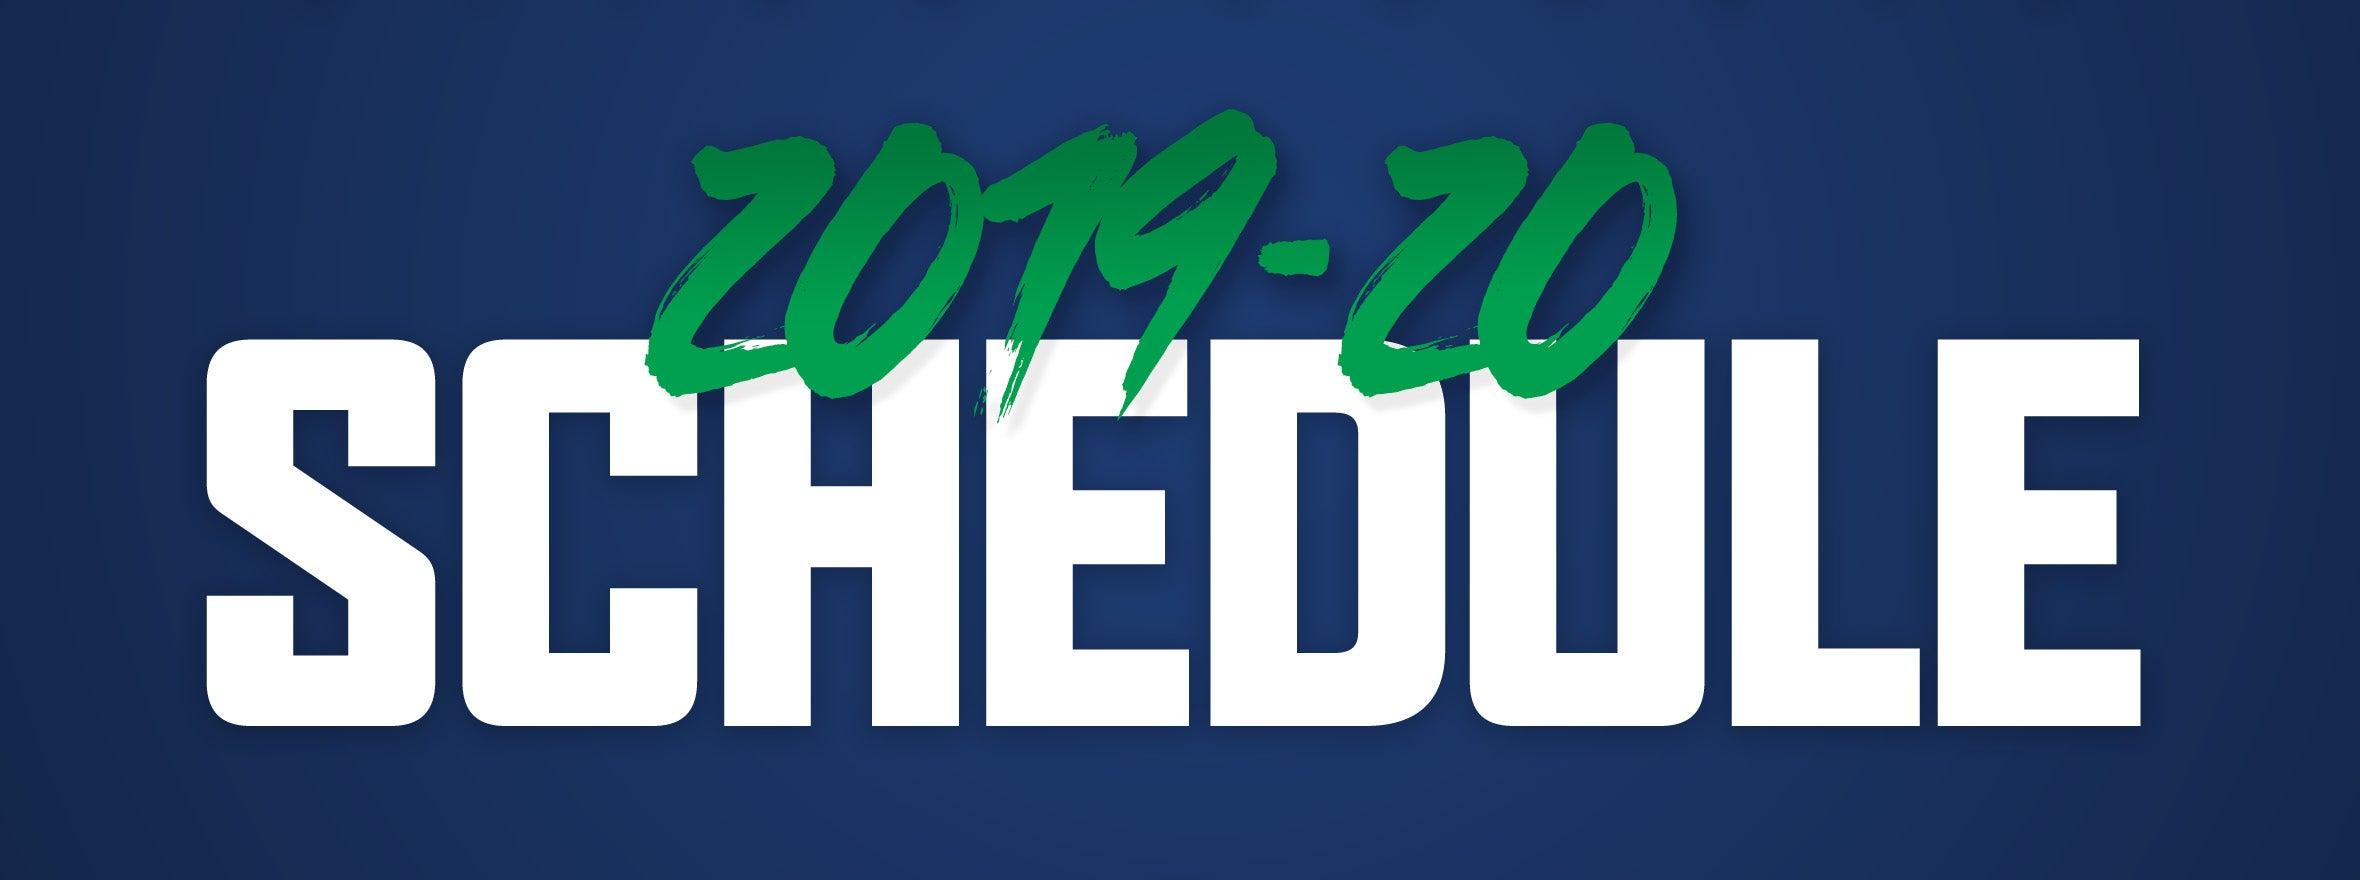 COMETS 2019-20 SCHEDULE RELEASE